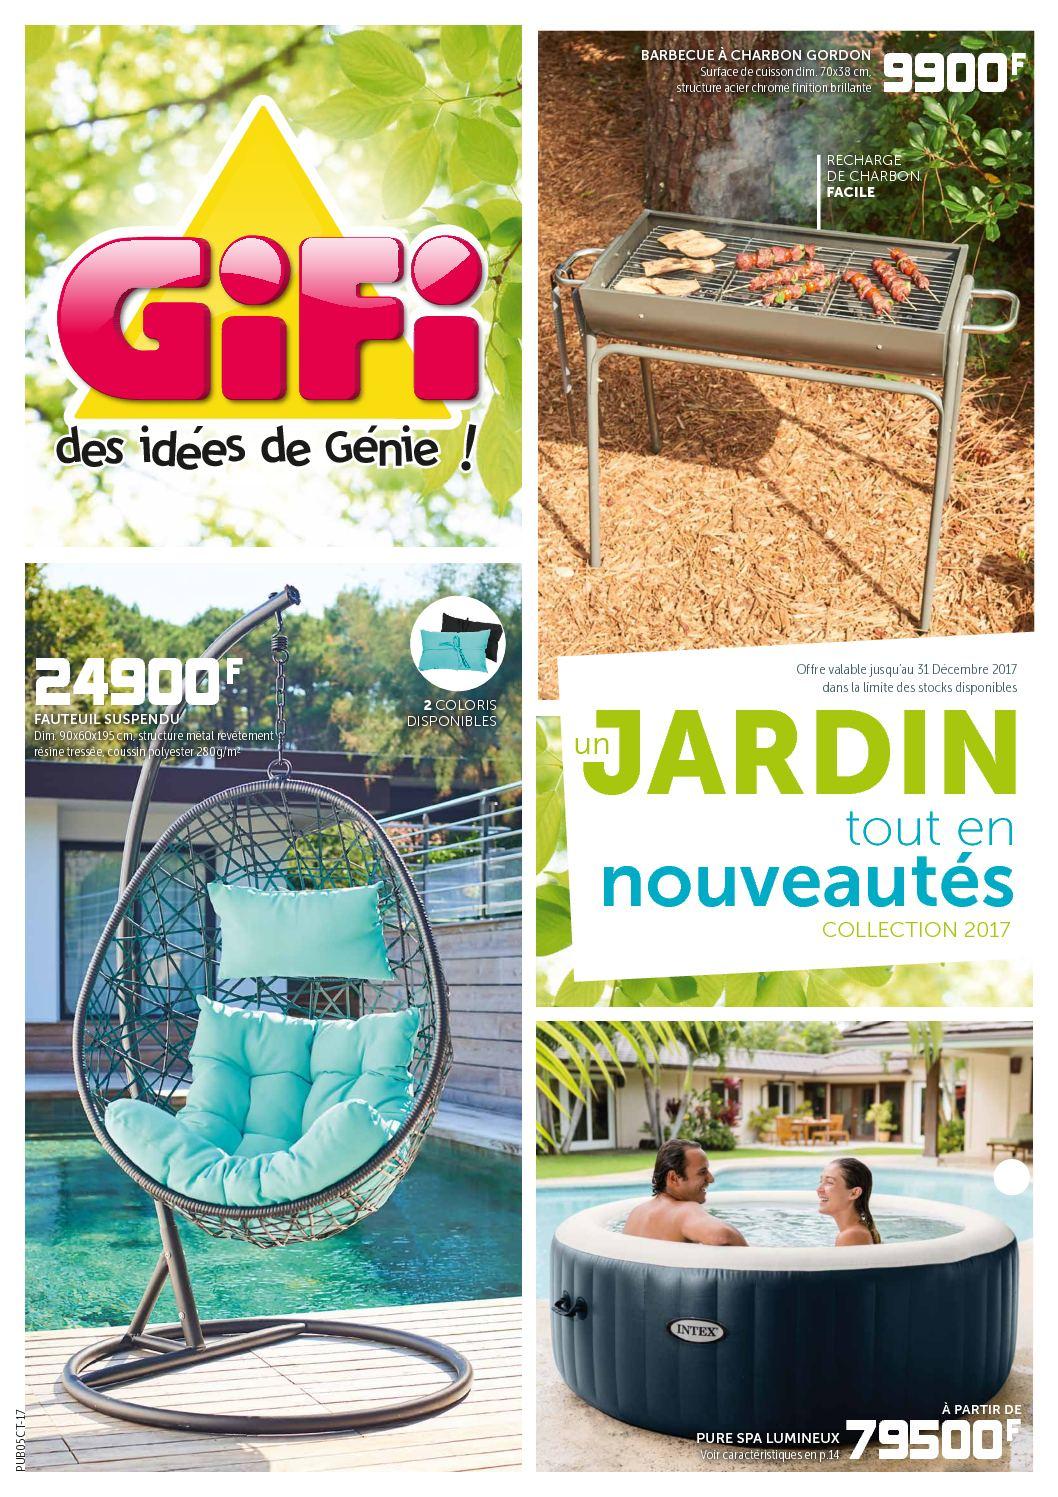 Calaméo - Un jardin tout en nouveautés - Collection GiFi 2017